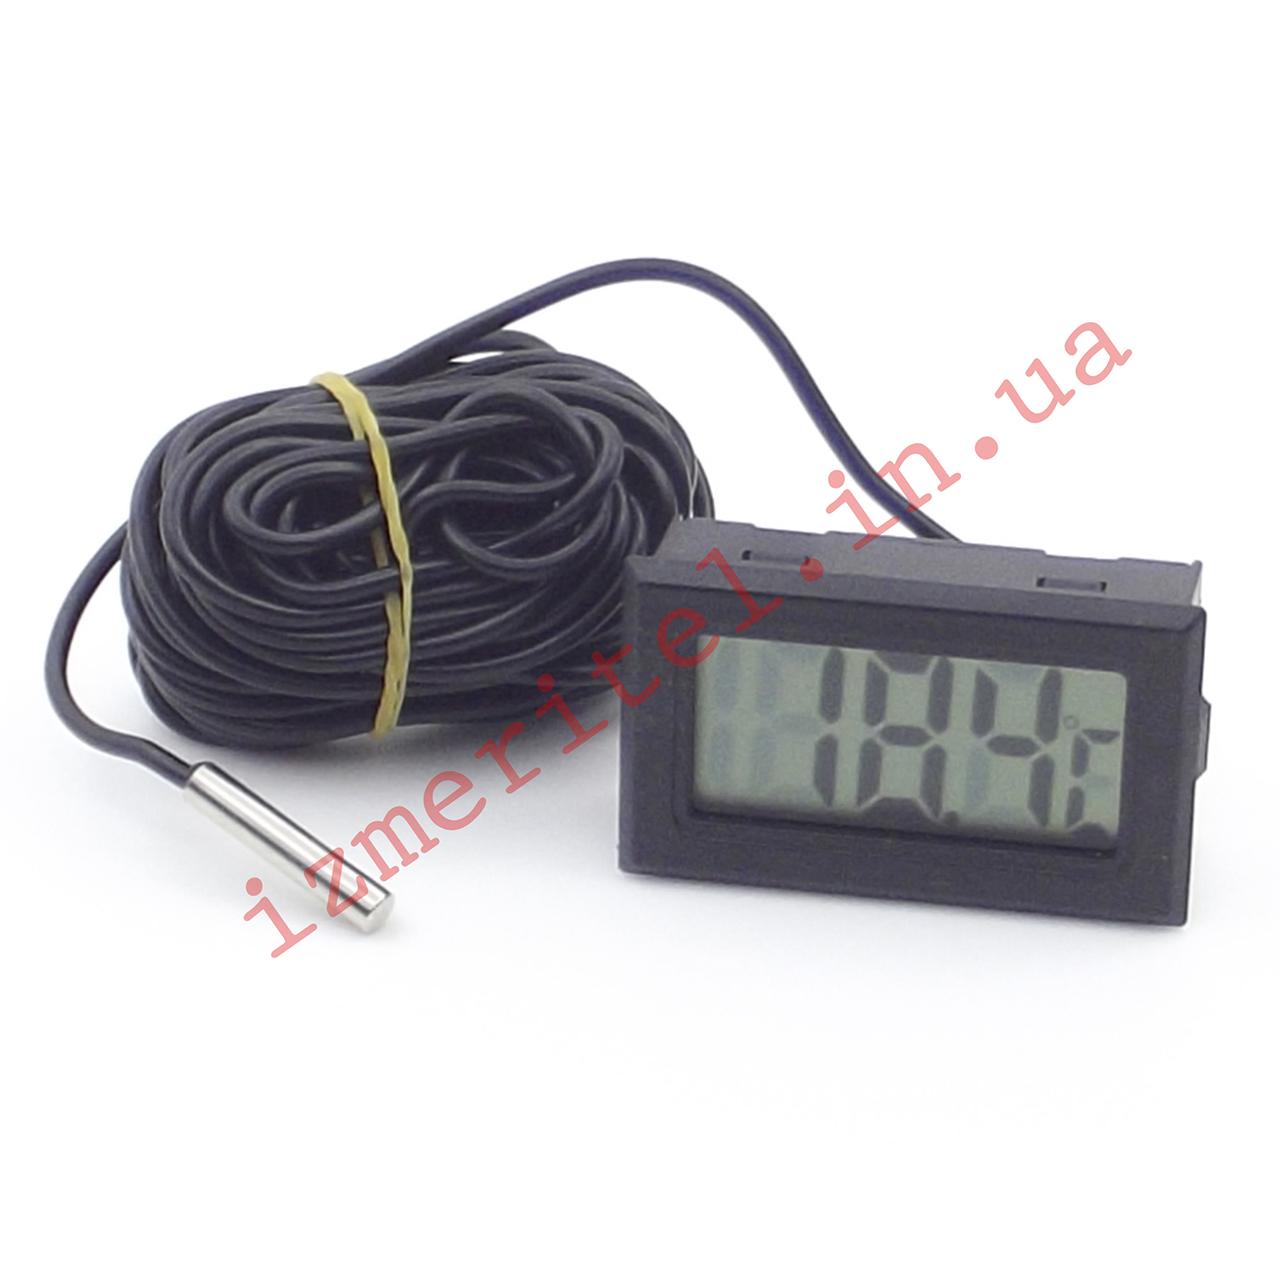 Цифровой термометр с выносным датчиком -50...+110 °С, 5 метров